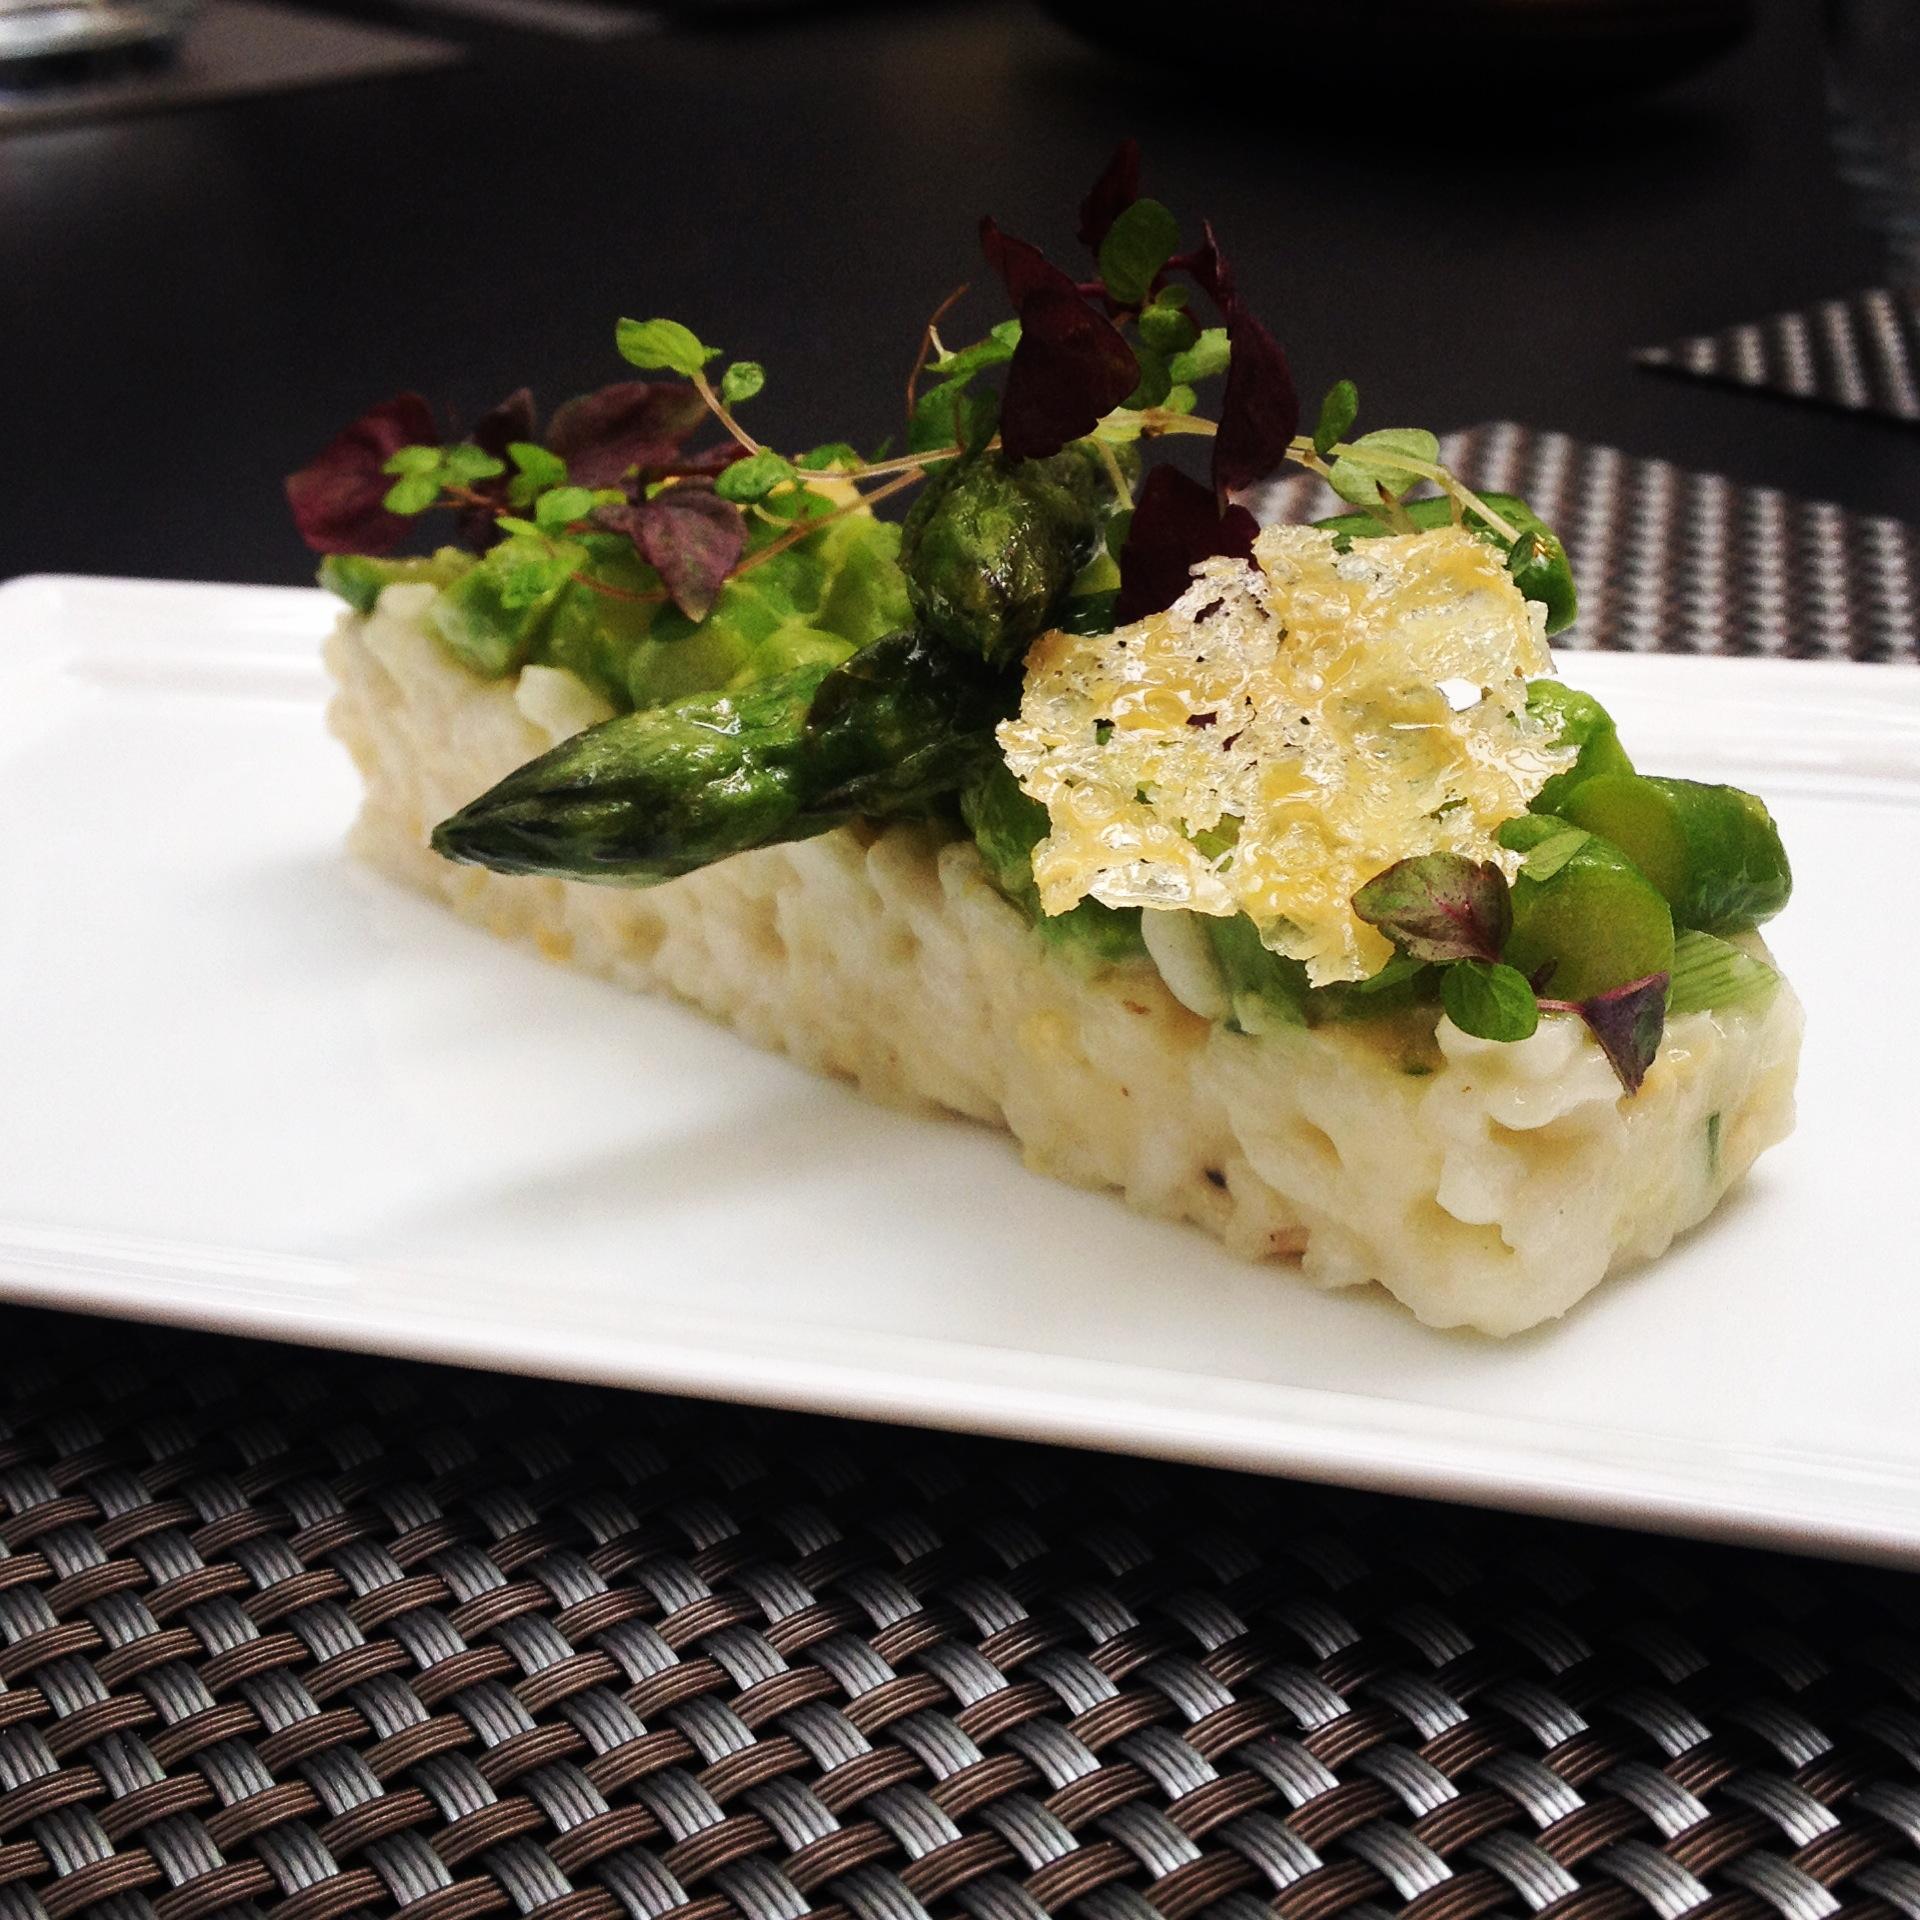 risotto traditionnel aux pointes d asperges vertes le blog de cyril lignac. Black Bedroom Furniture Sets. Home Design Ideas